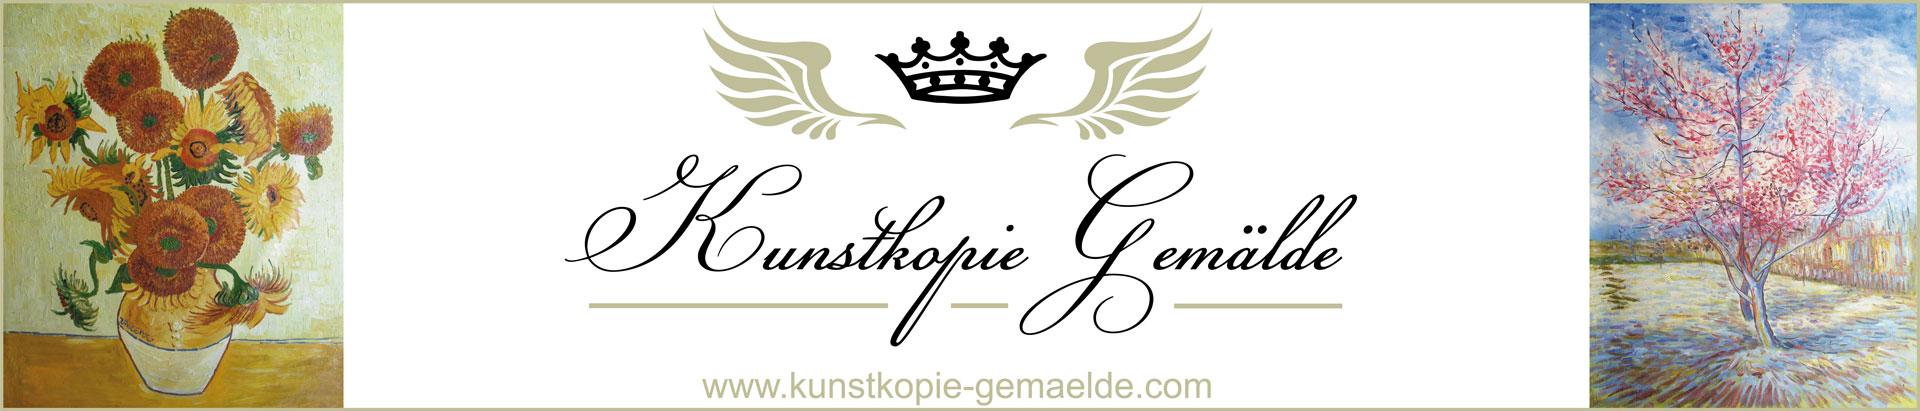 Banner Kunstkopie